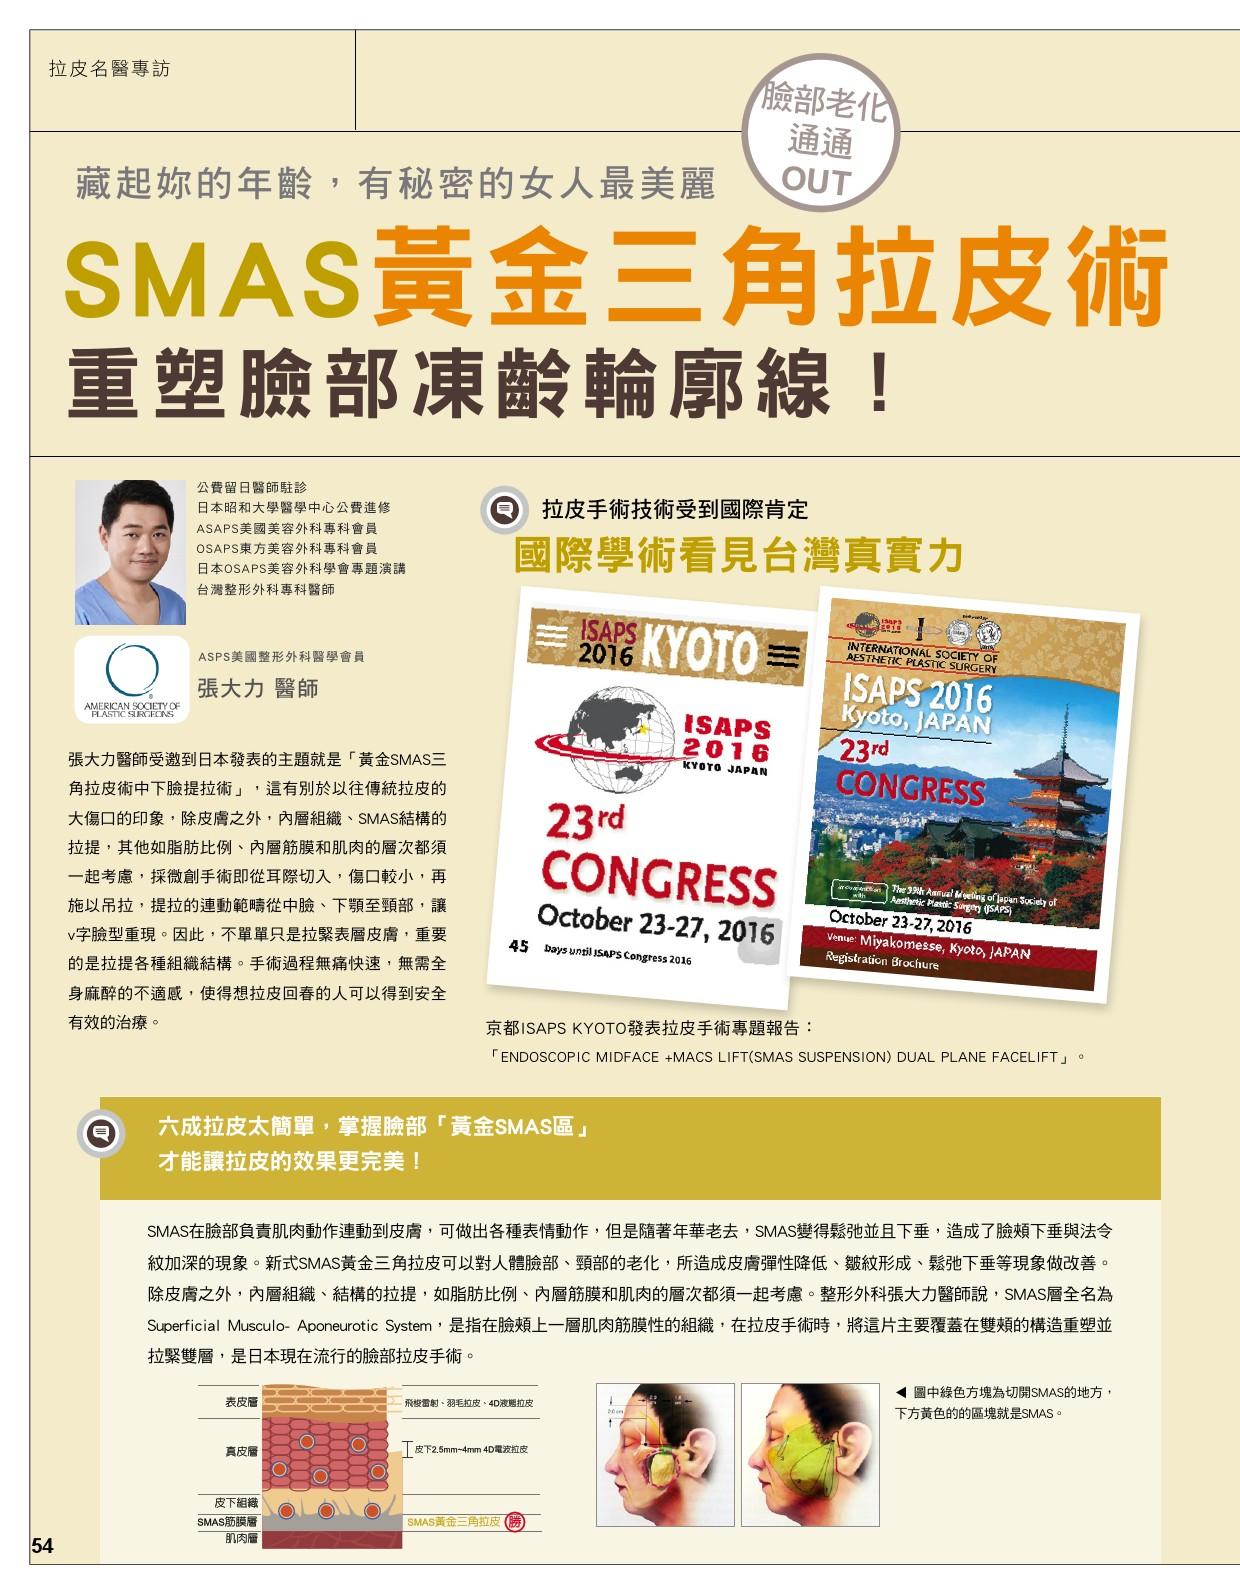 SMAS黃金三角拉皮 重塑臉部凍齡輪廓線-雜誌專訪-張大力-整形名醫-東京風采